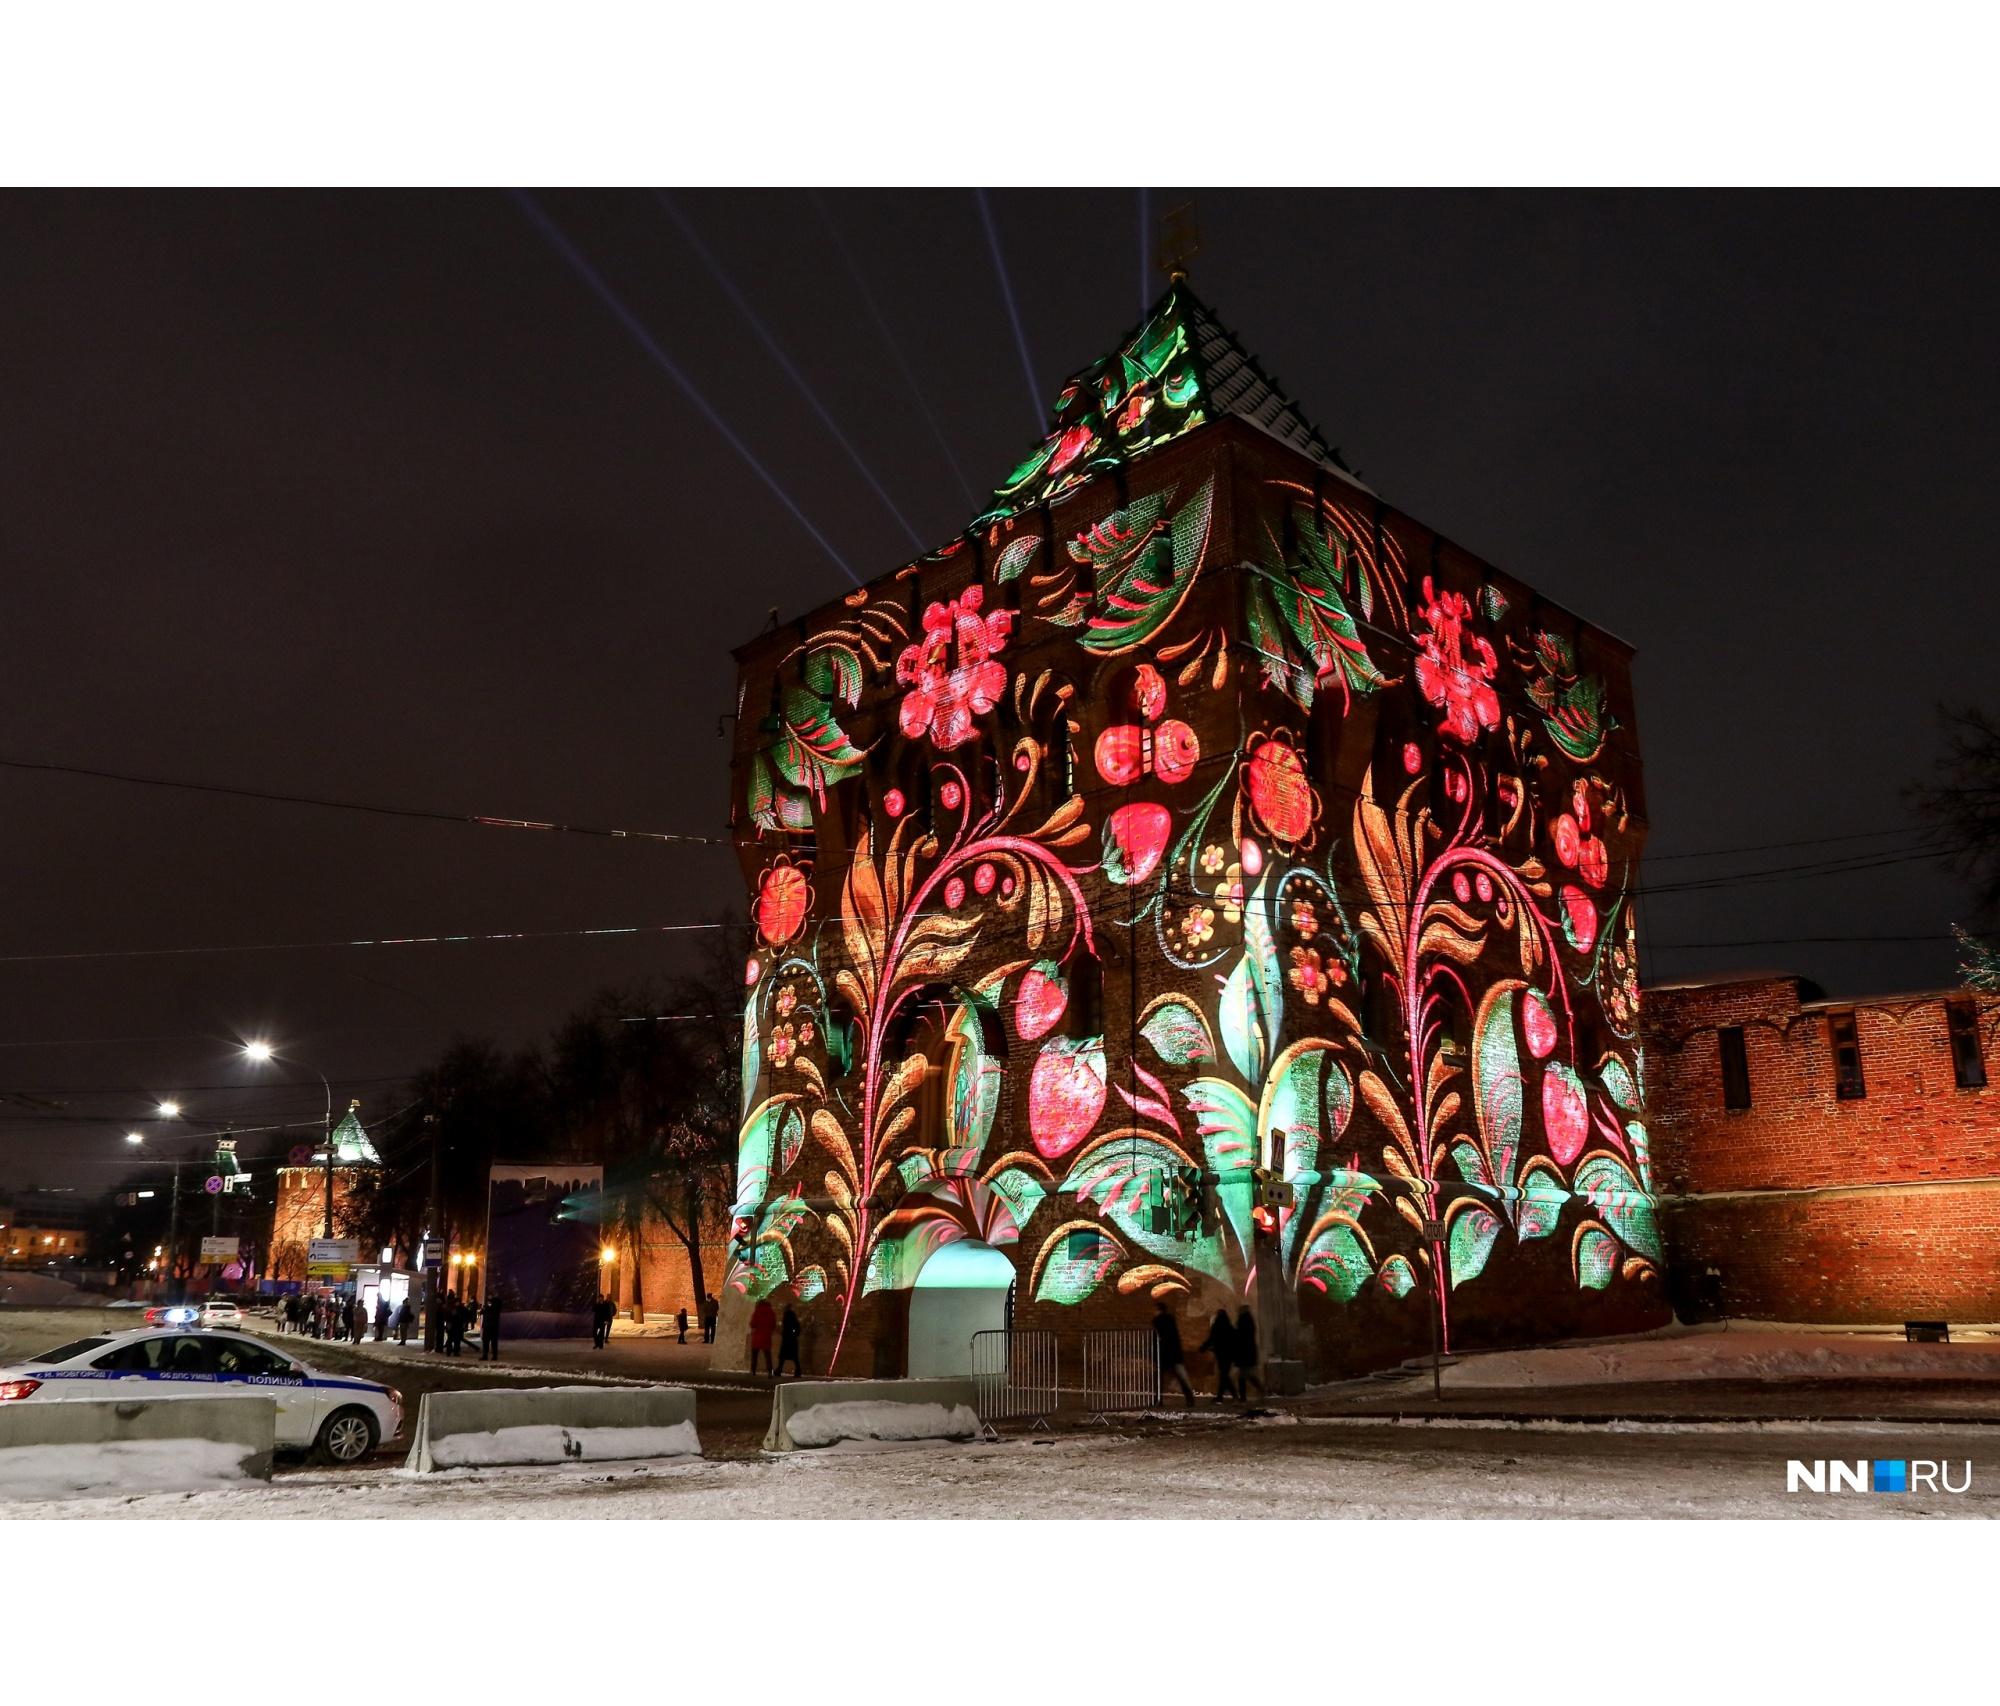 """За прошедшие 30 лет Нижний Новгород сильно изменился: стал больше, современнее и технологичнее. Власти обещают преобразить город к <nobr class=""""_"""">800-летию</nobr>&nbsp;еще сильнее"""